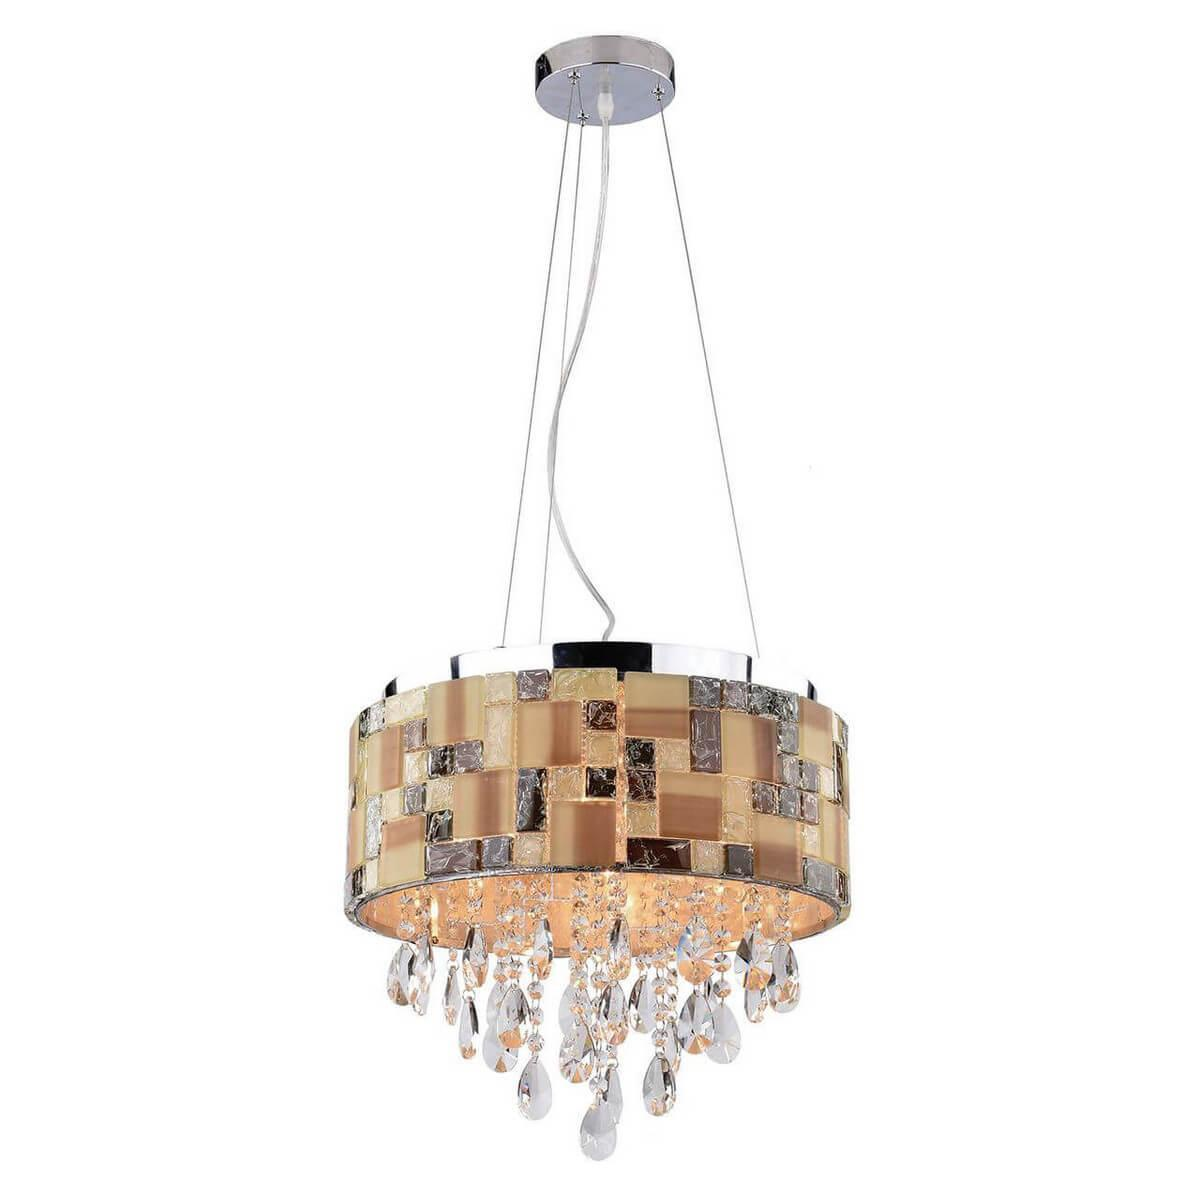 Подвесной светильник Lussole GRLSP-0196, E14, 6 Вт lgo lsp 0196